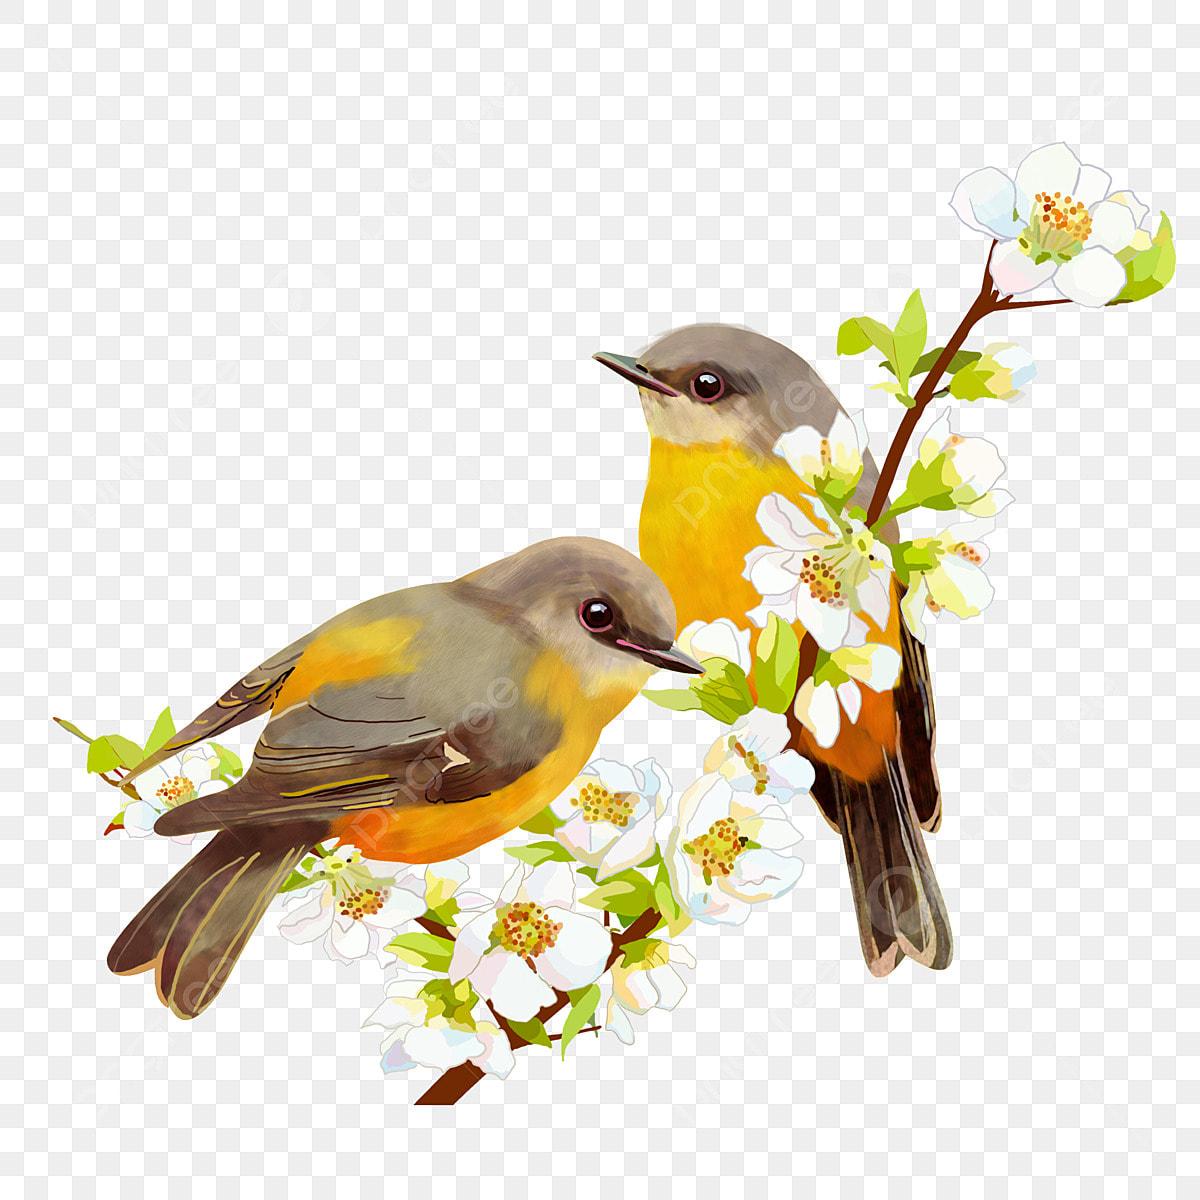 L Oiseau Sur La Branche De Dessin Vectoriel Des Branches De